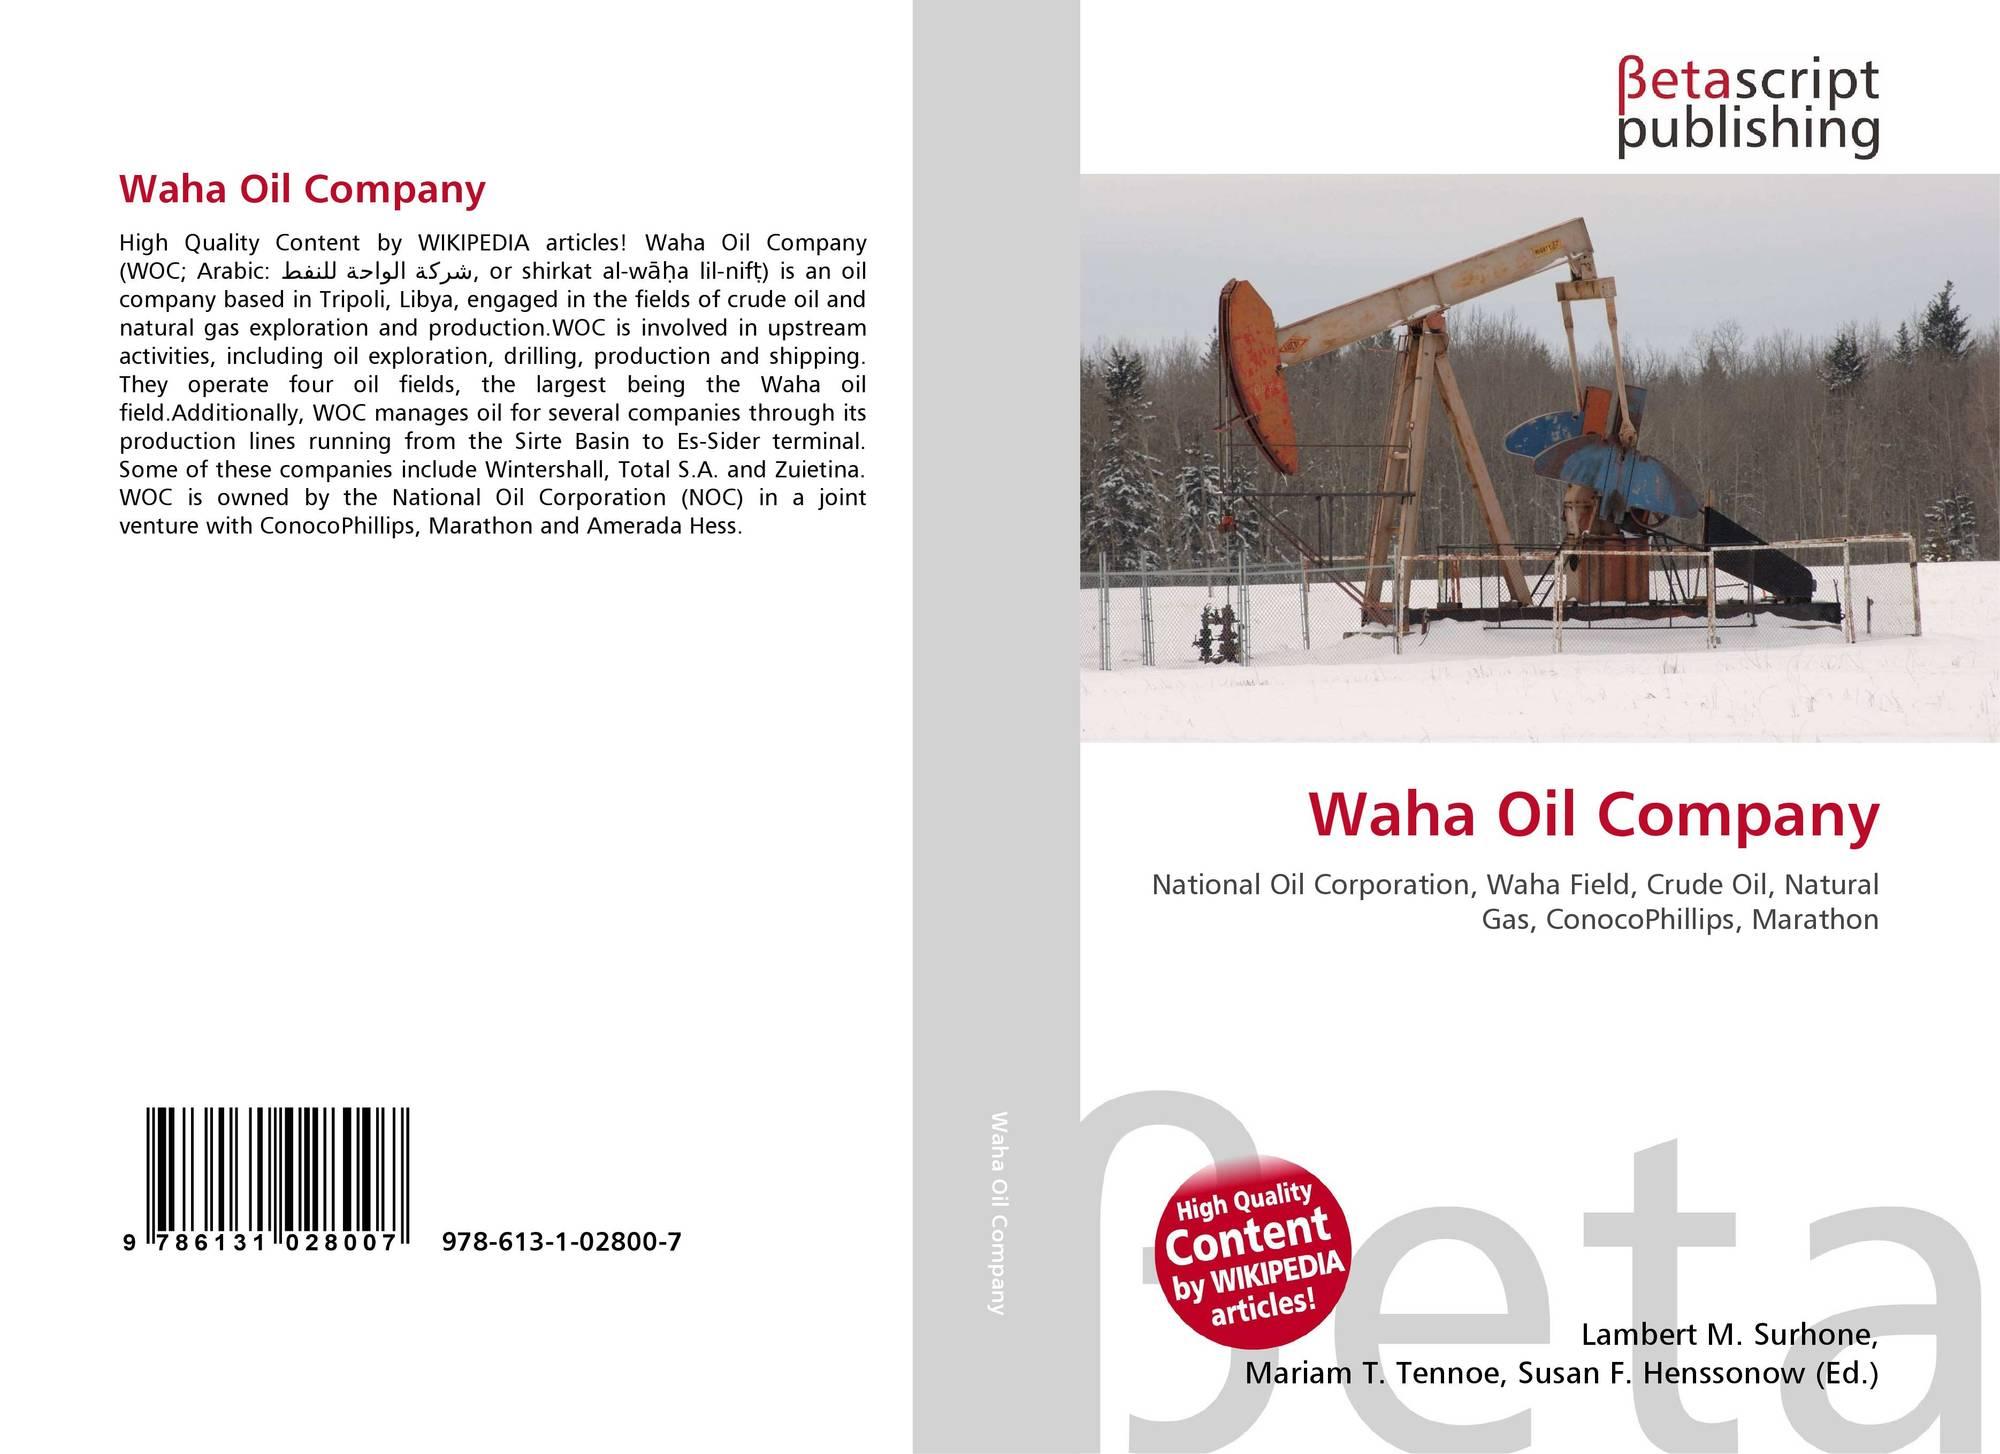 Waha Oil Company, 978-613-1-02800-7, 6131028001 ,9786131028007